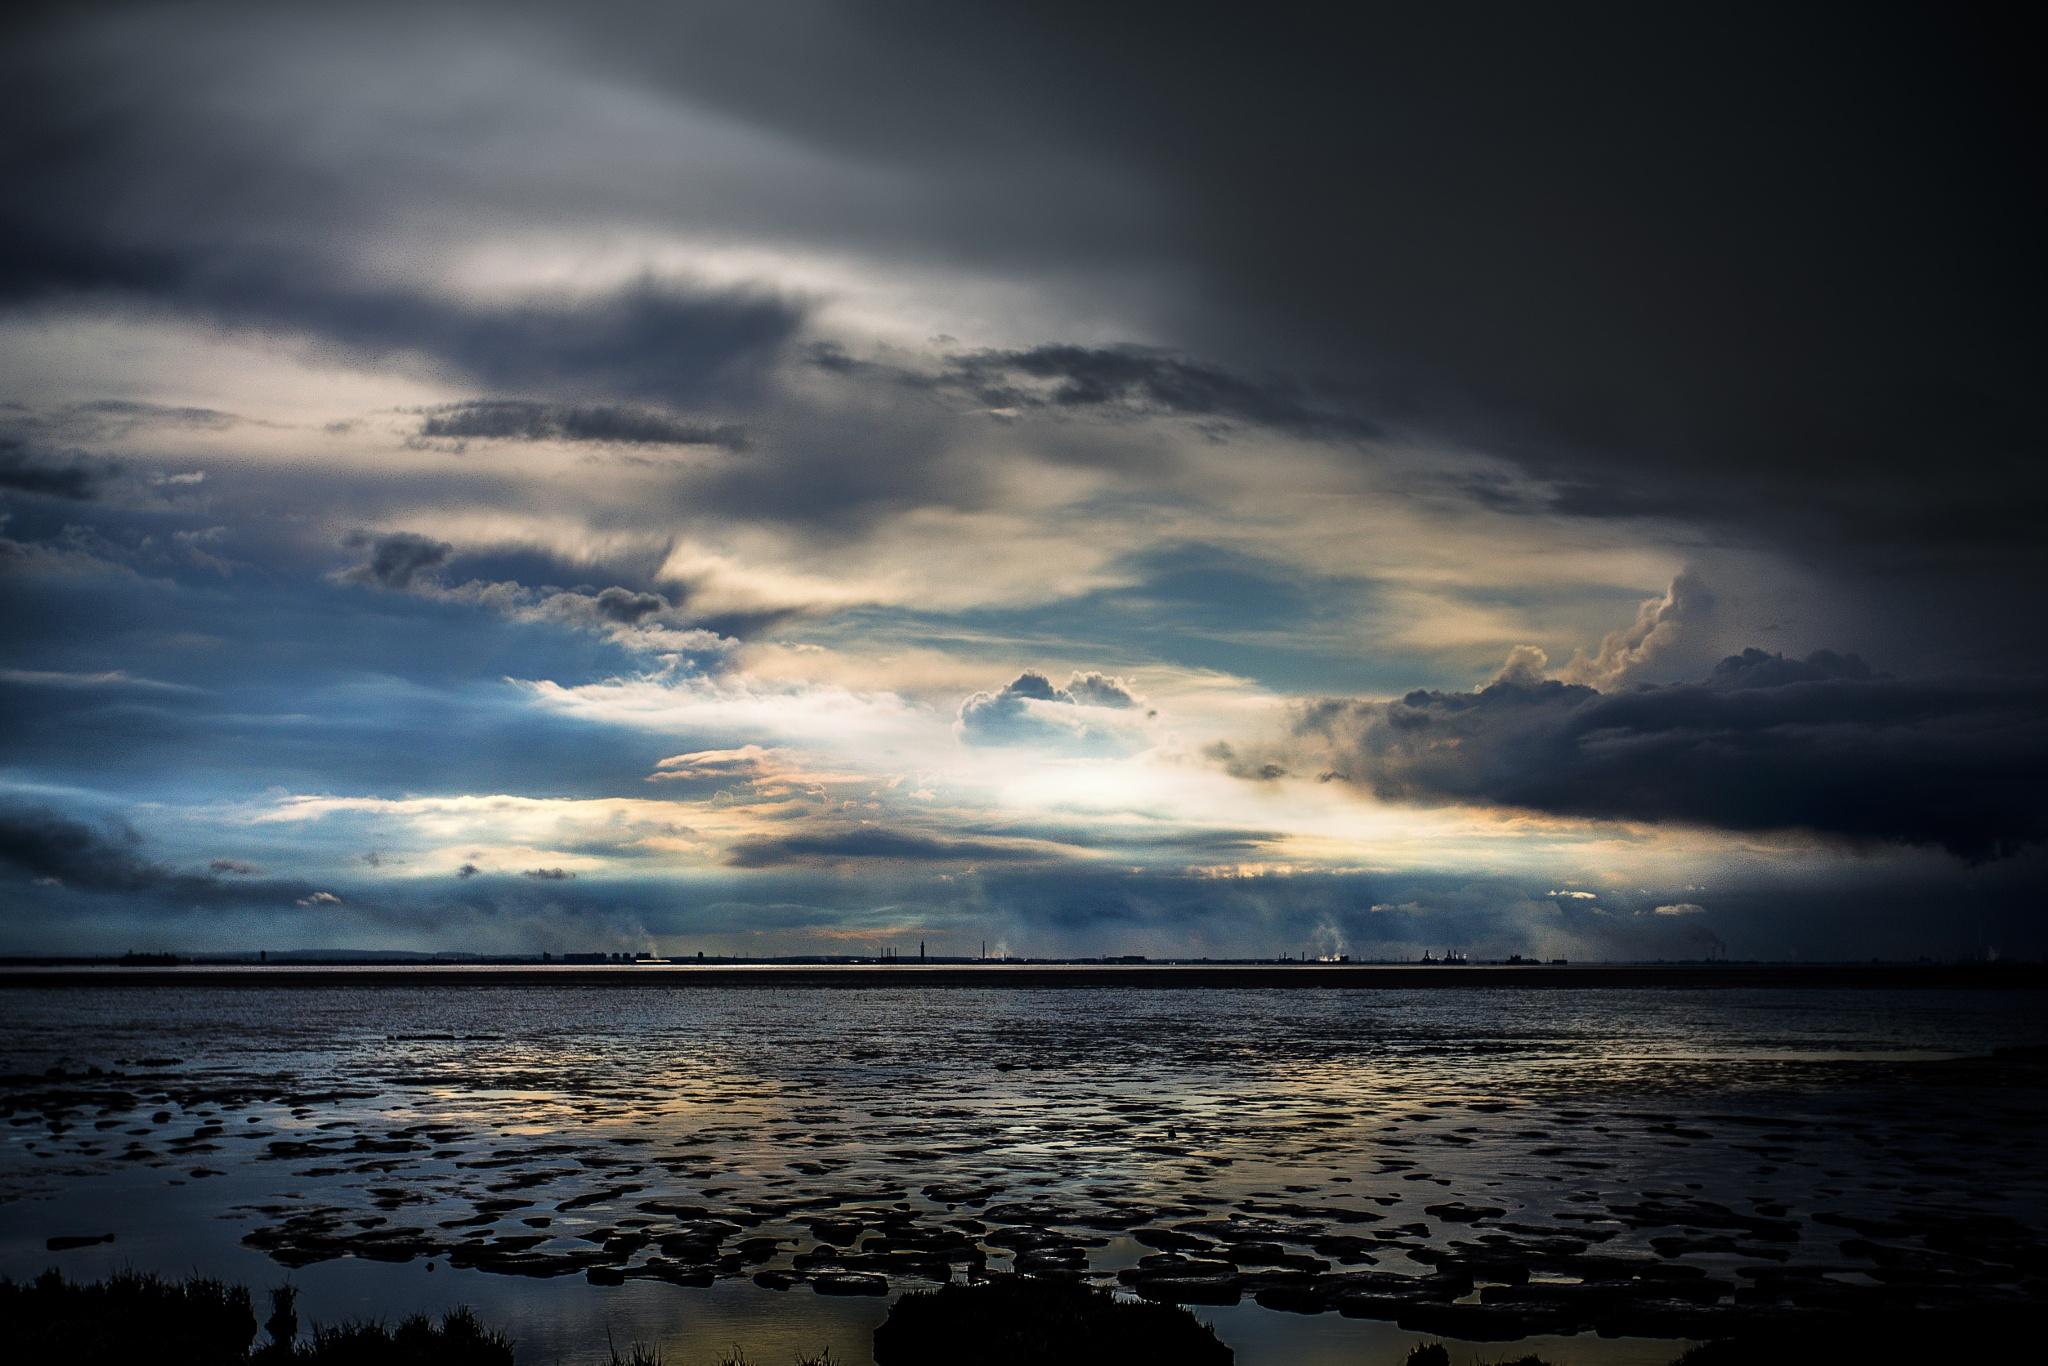 Humber Sunset by Tony Shaw